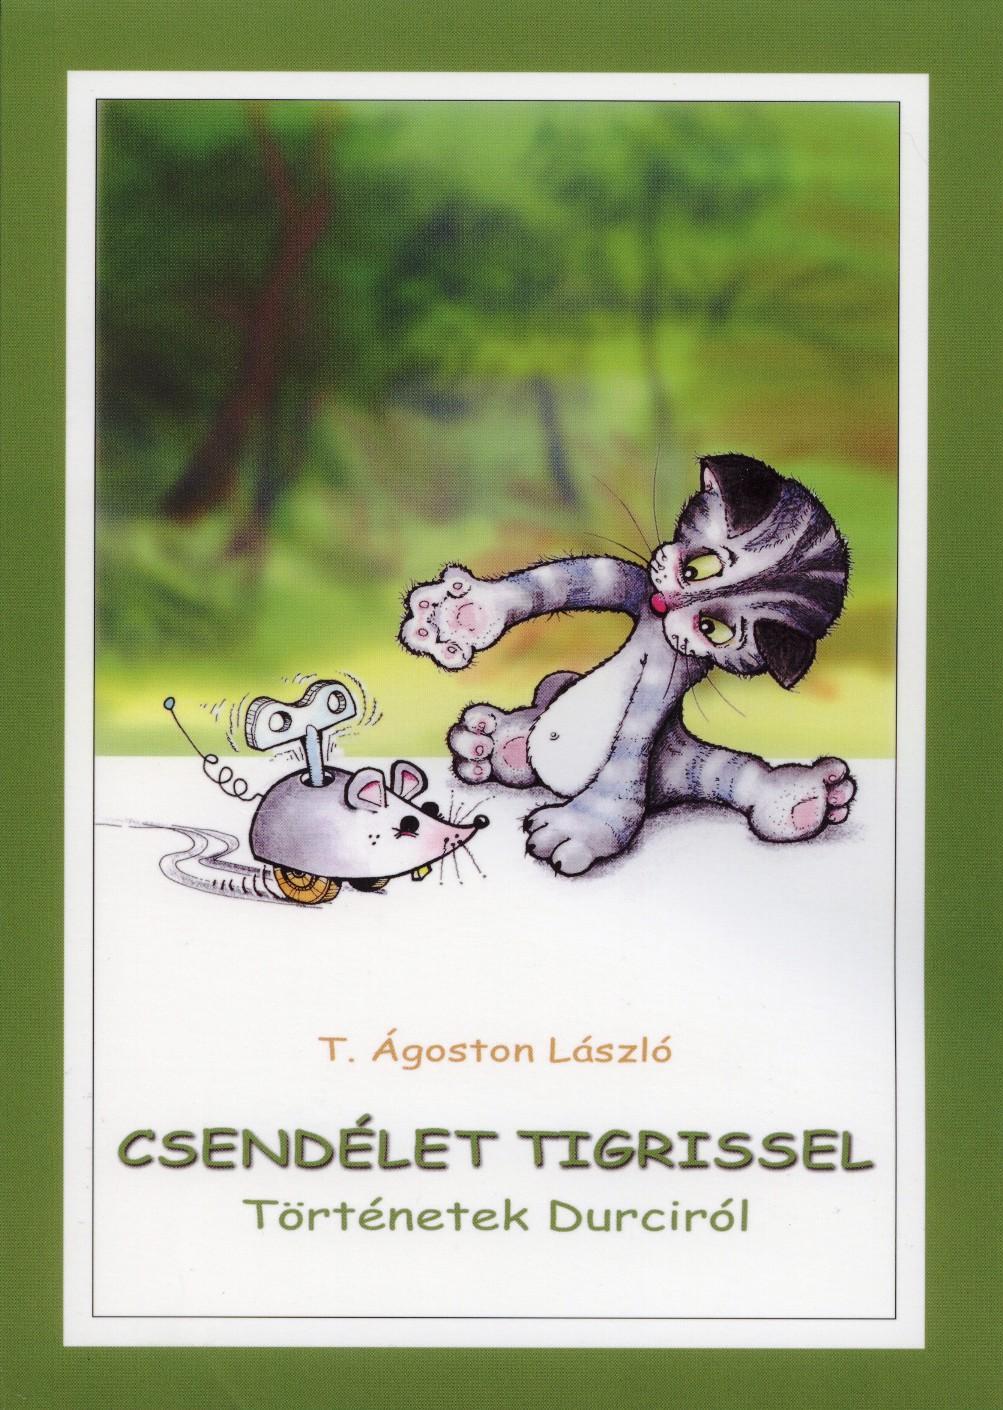 CSENDÉLET TIGRISSEL - TÖRTÉNETEK DURCIRÓL